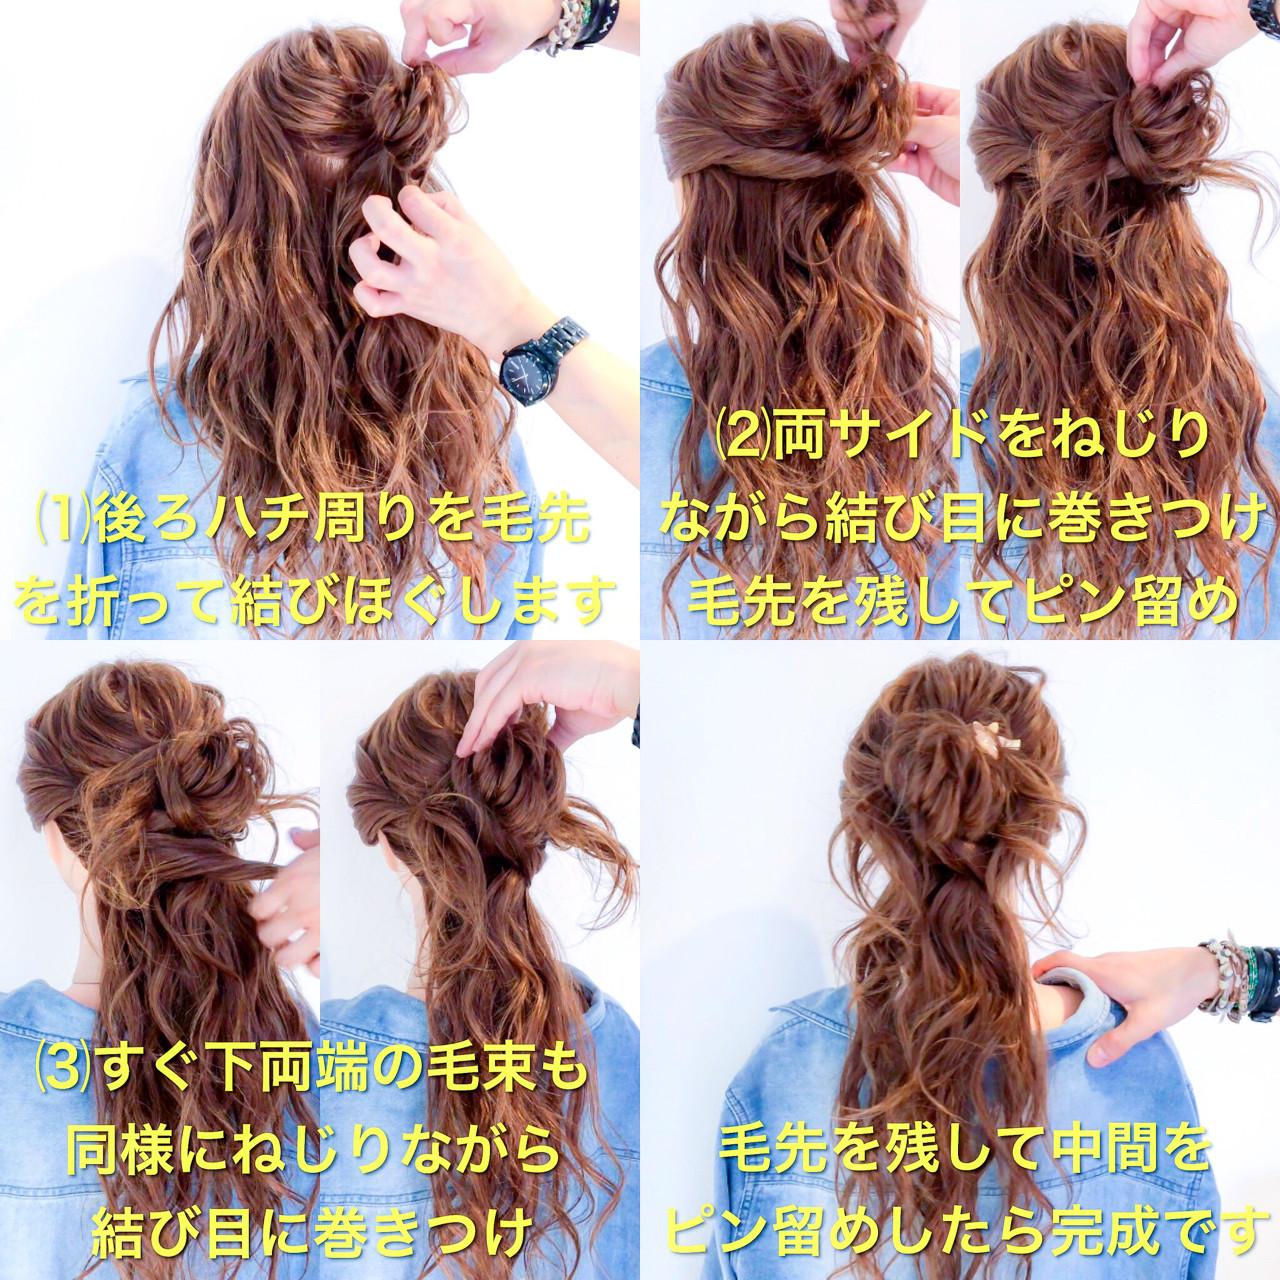 アウトドア ロング ショート 簡単ヘアアレンジ ヘアスタイルや髪型の写真・画像